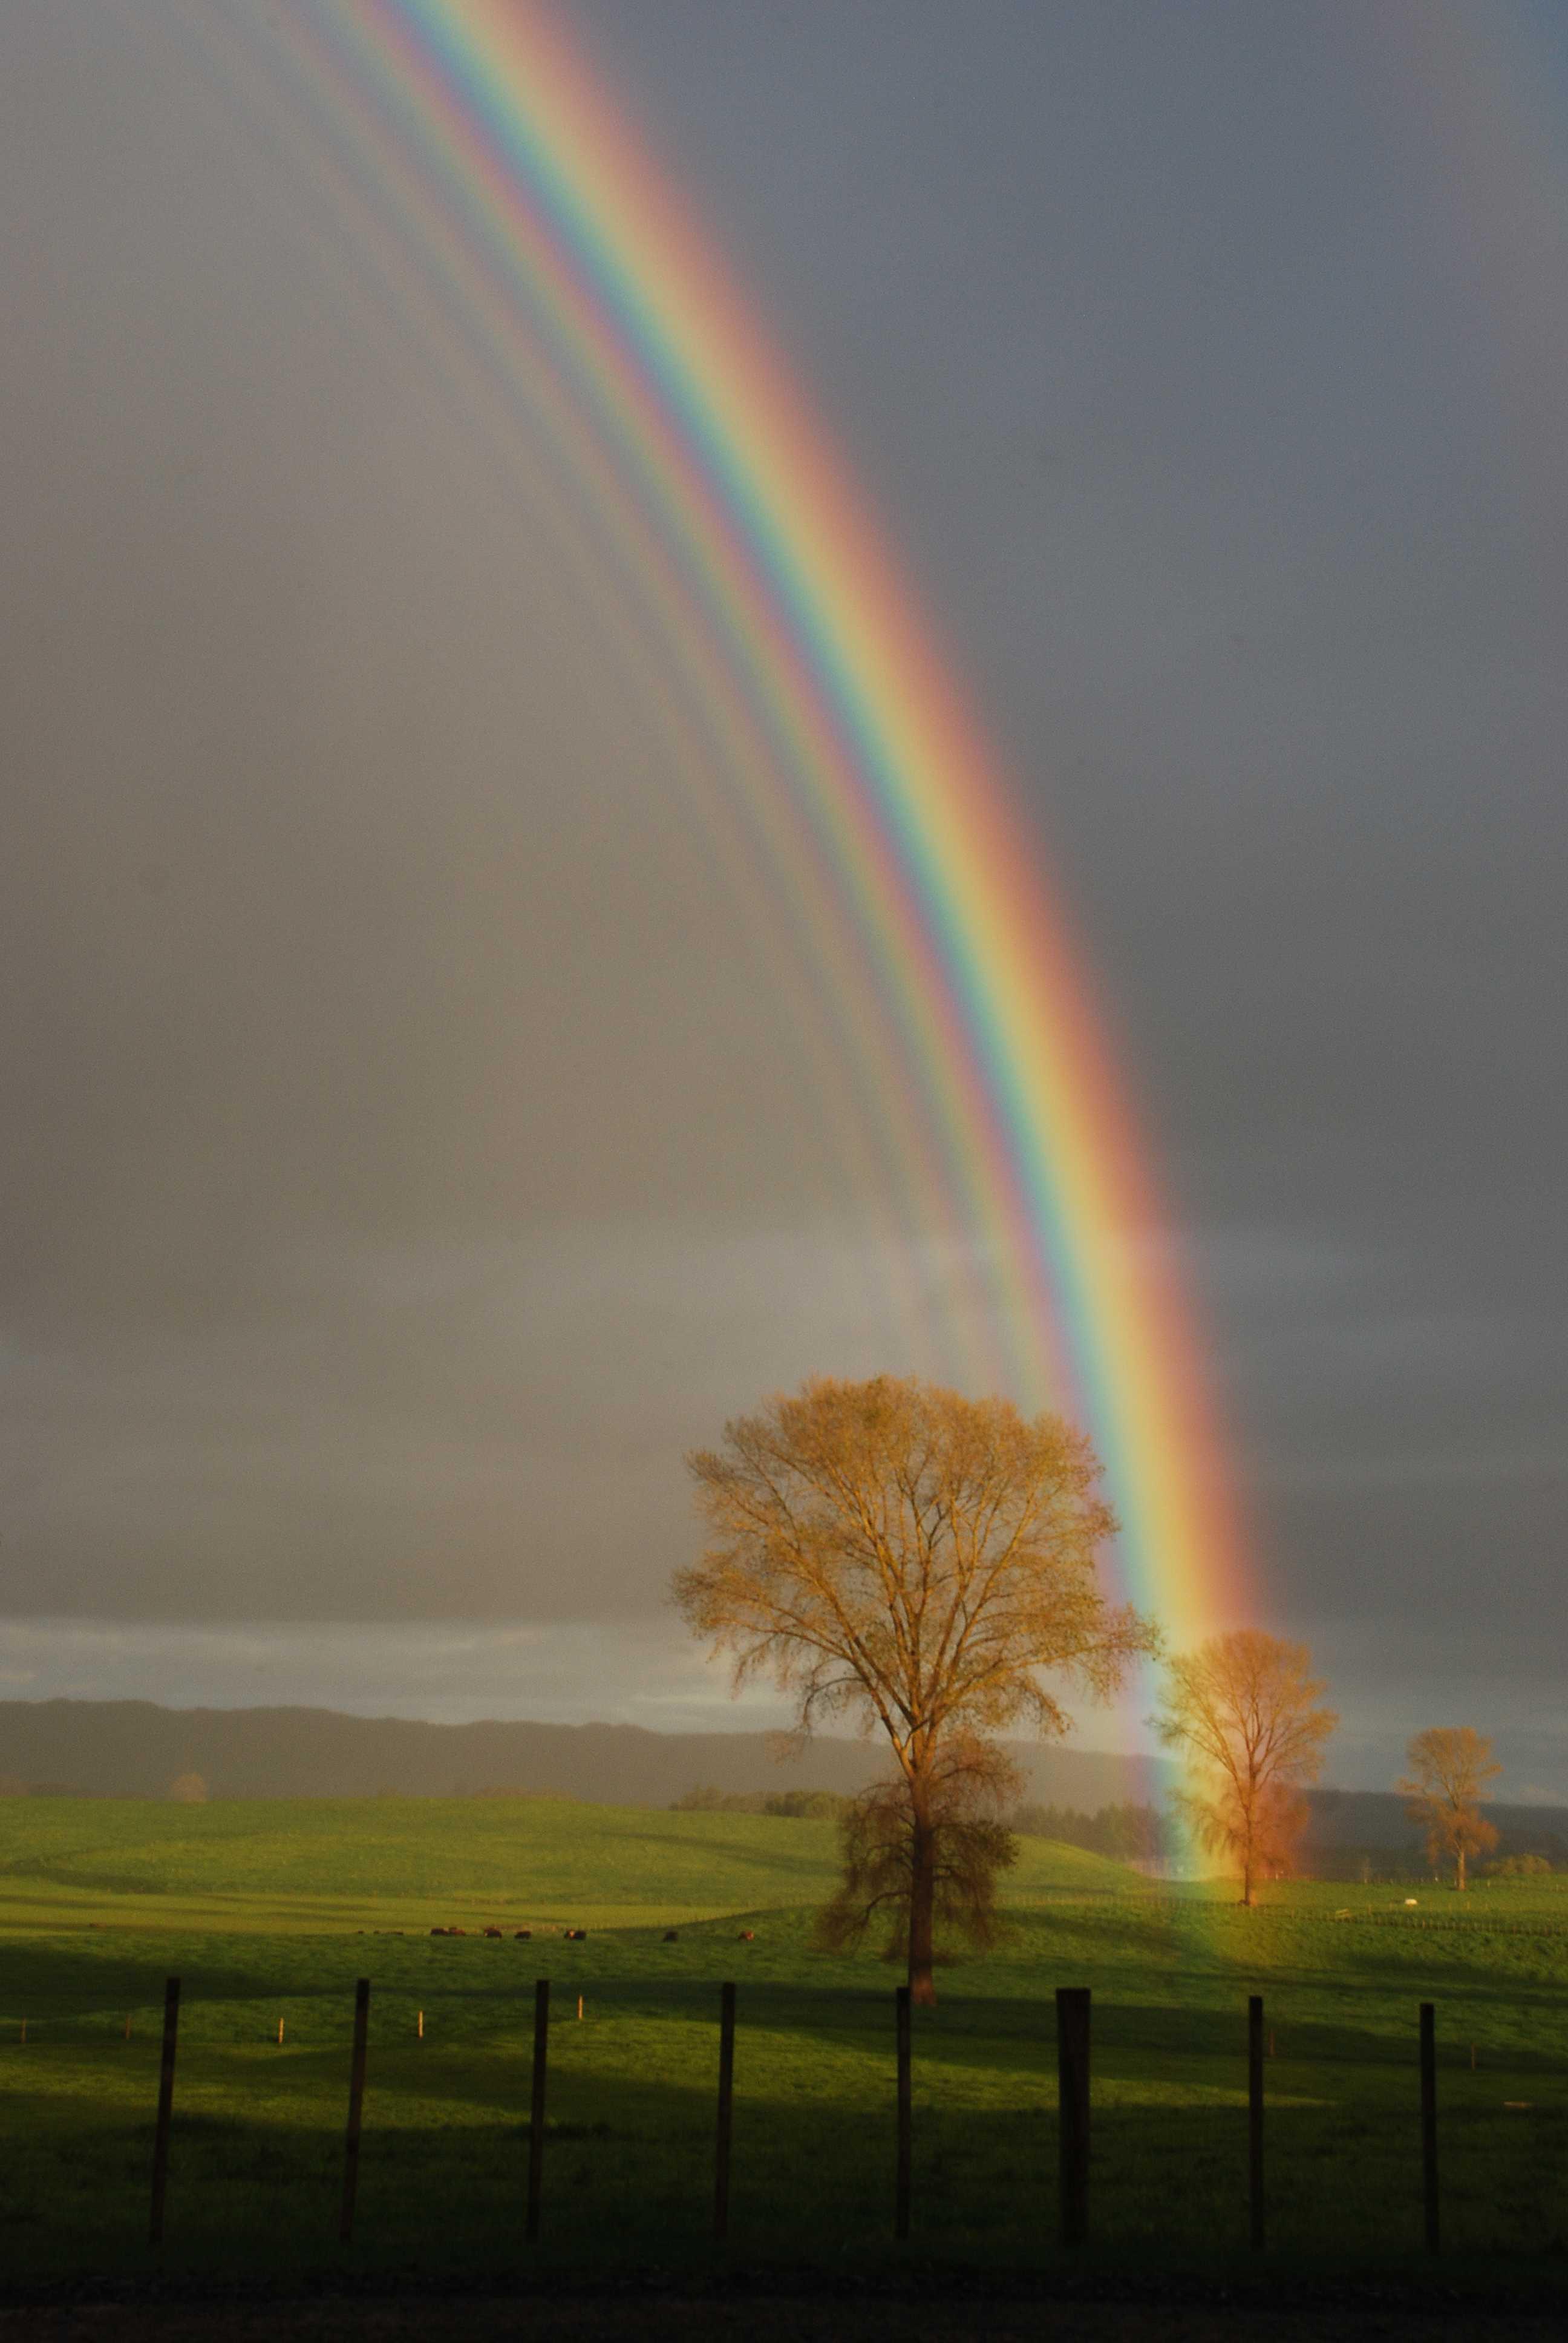 Hình ảnh cầu vồng rất đẹp trên đồng cỏ